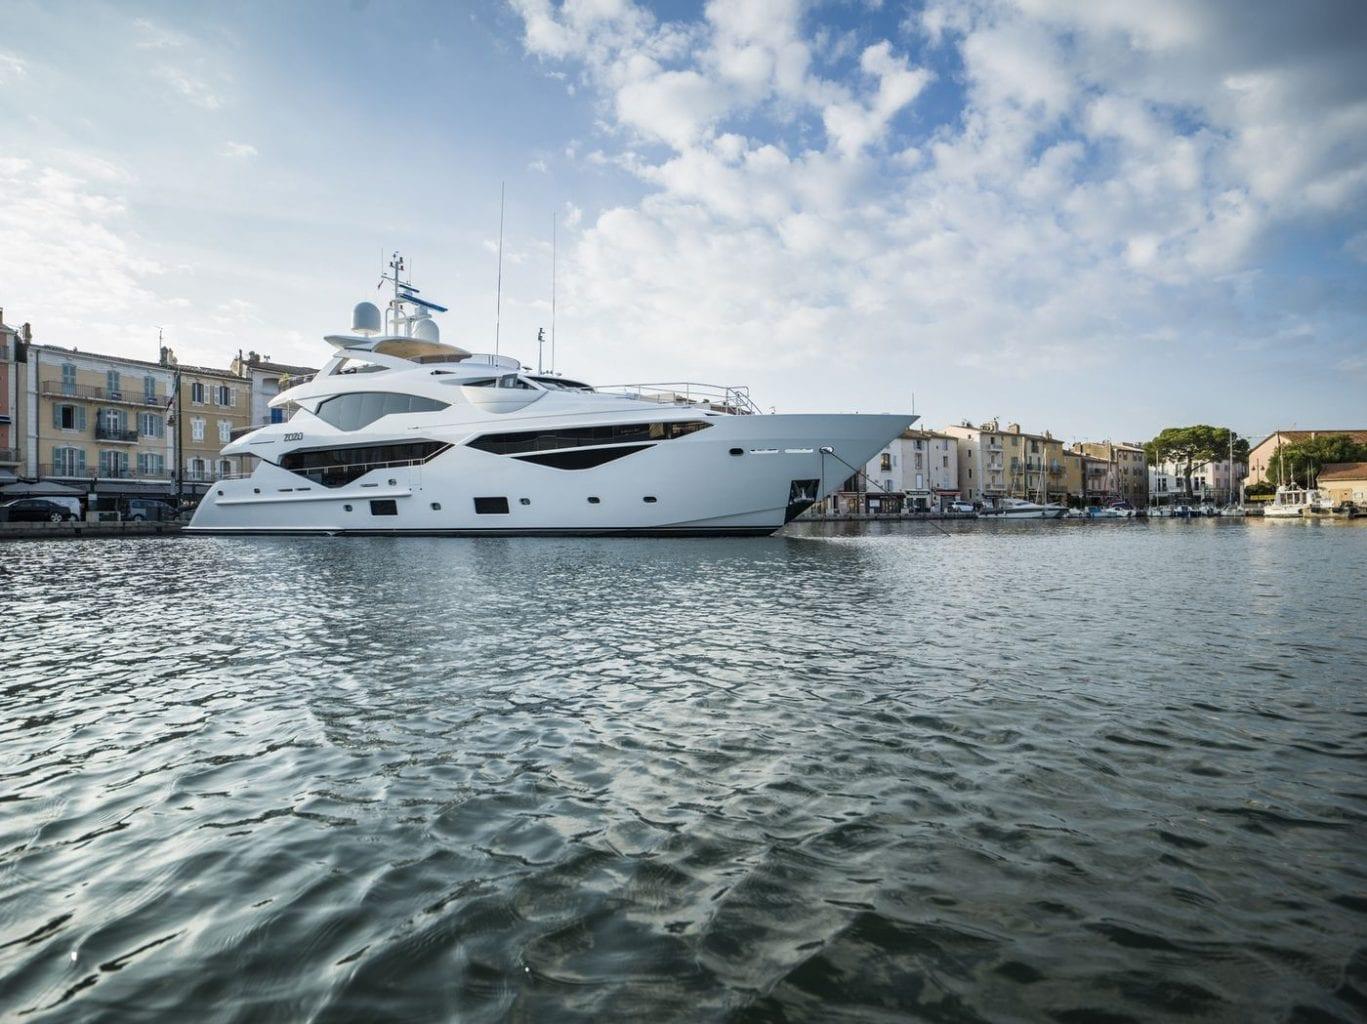 יאכטה Sunseeker Yacht 131 - סטרים יאכטות